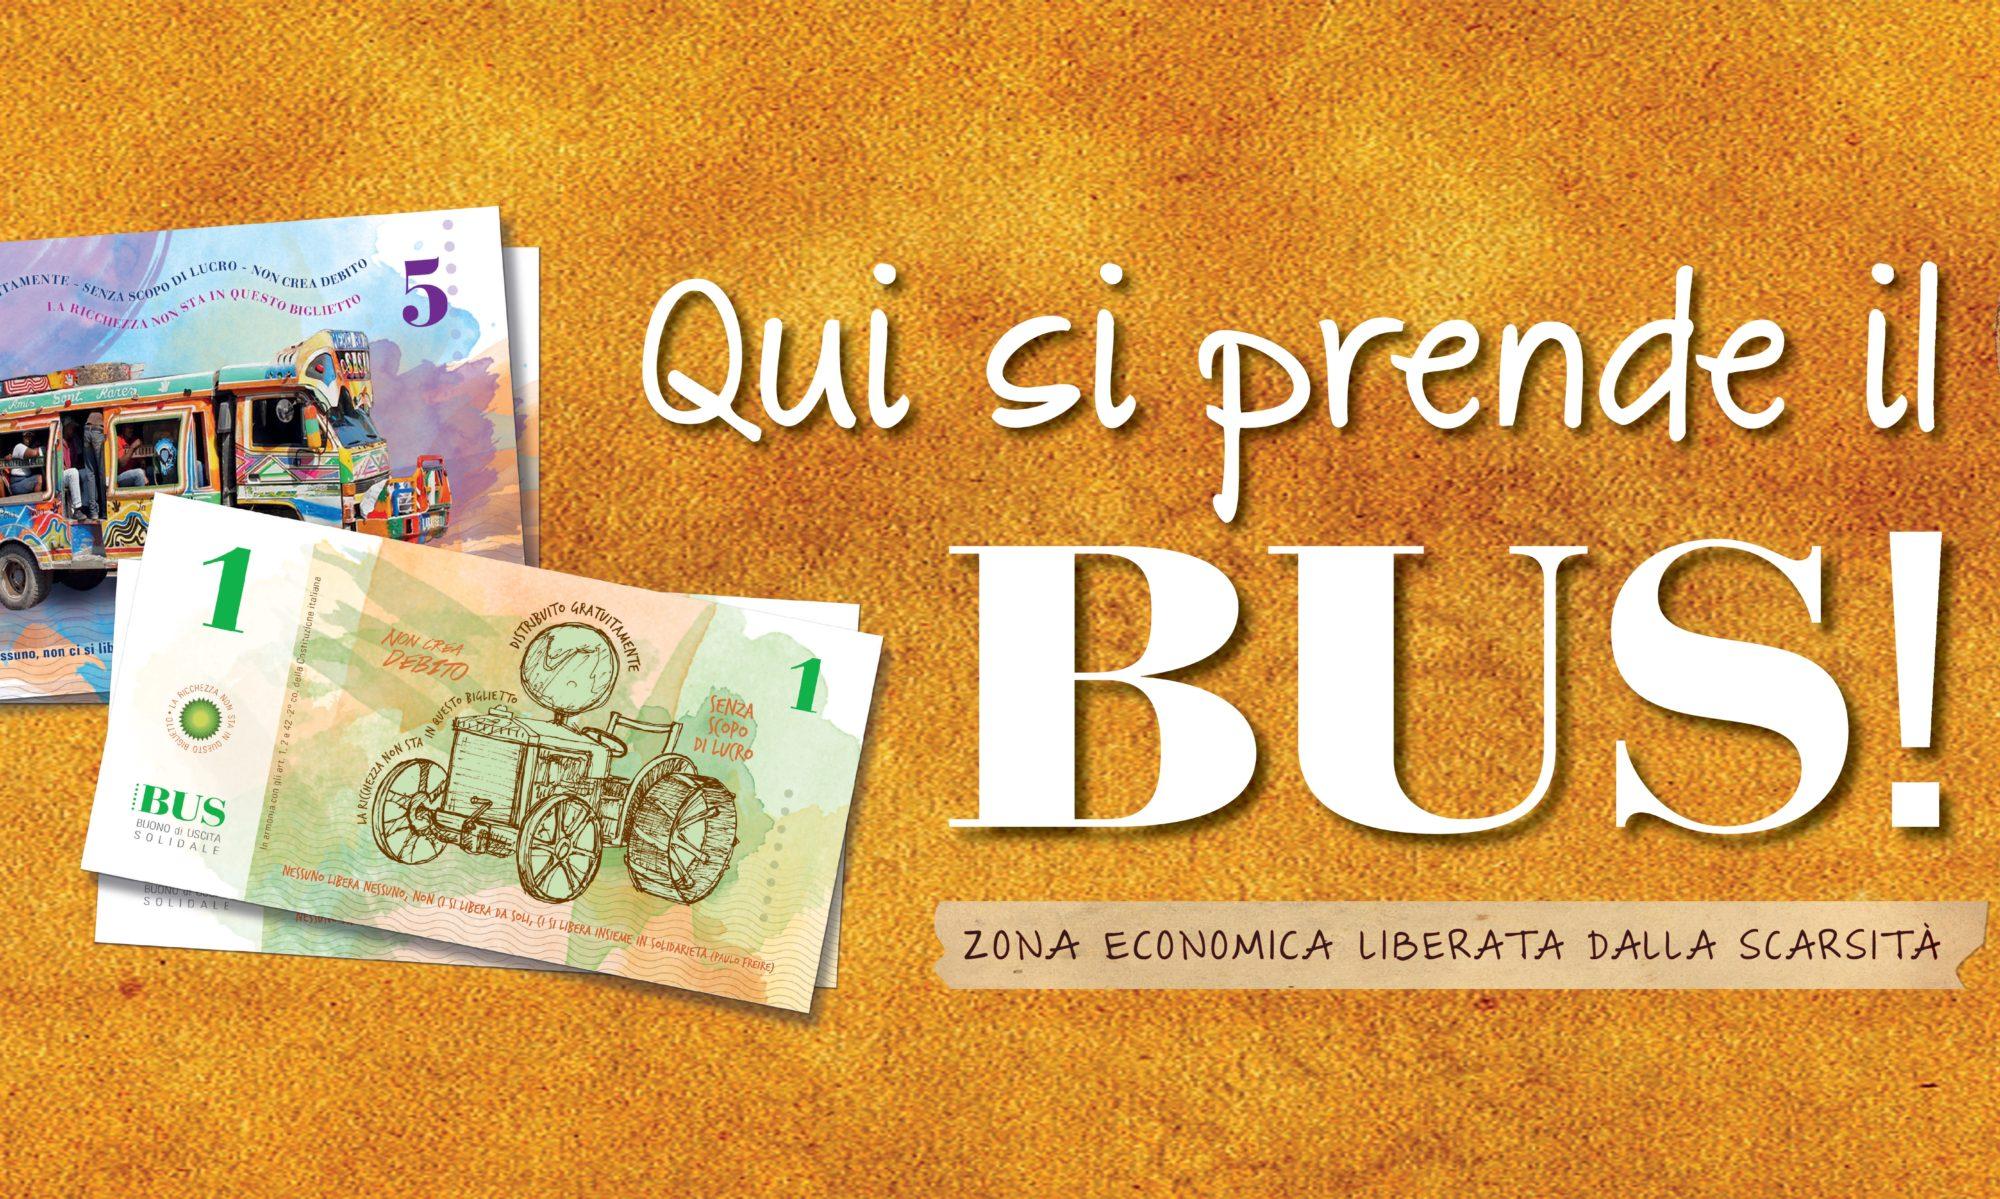 Buono d'Uscita Solidale (IN COSTRUZIONE)